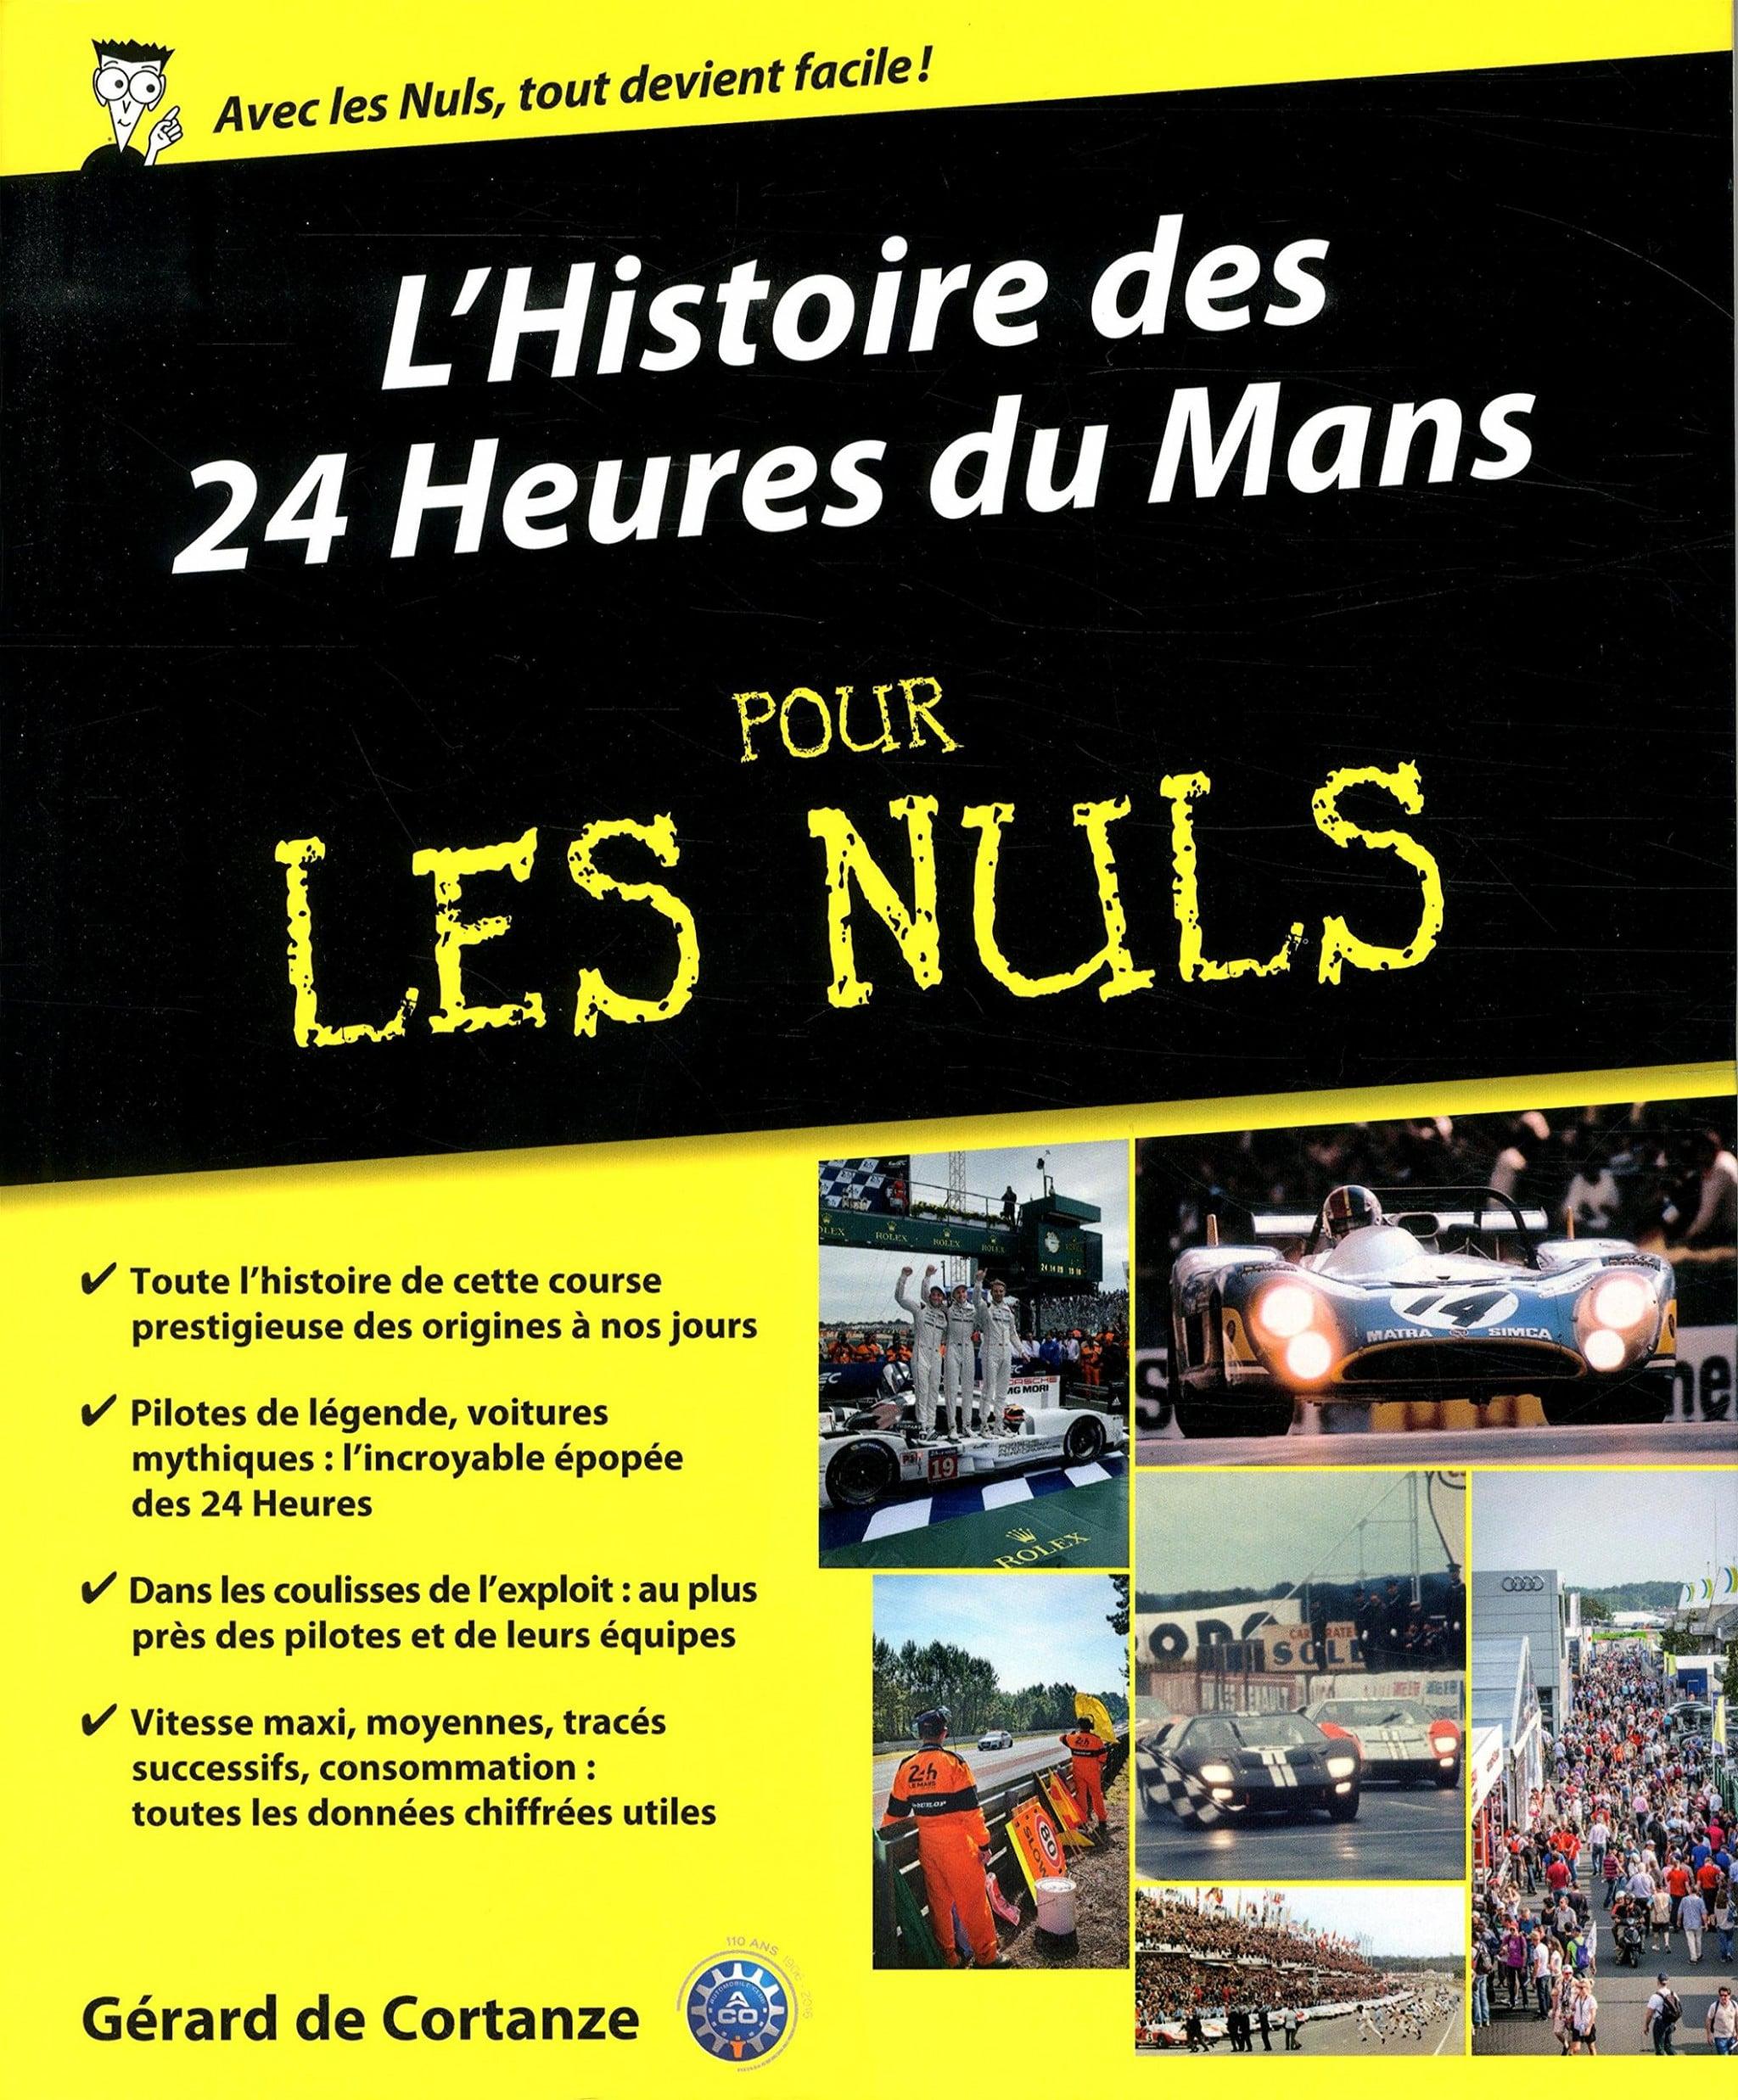 Les 24h du Mans pour les nuls, c'est pas nul